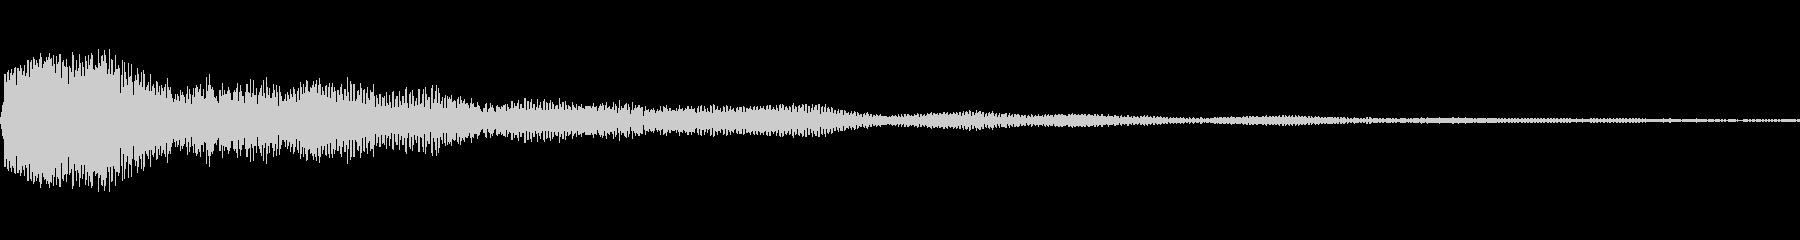 決定音に使えそうな電子音(低い音)の未再生の波形